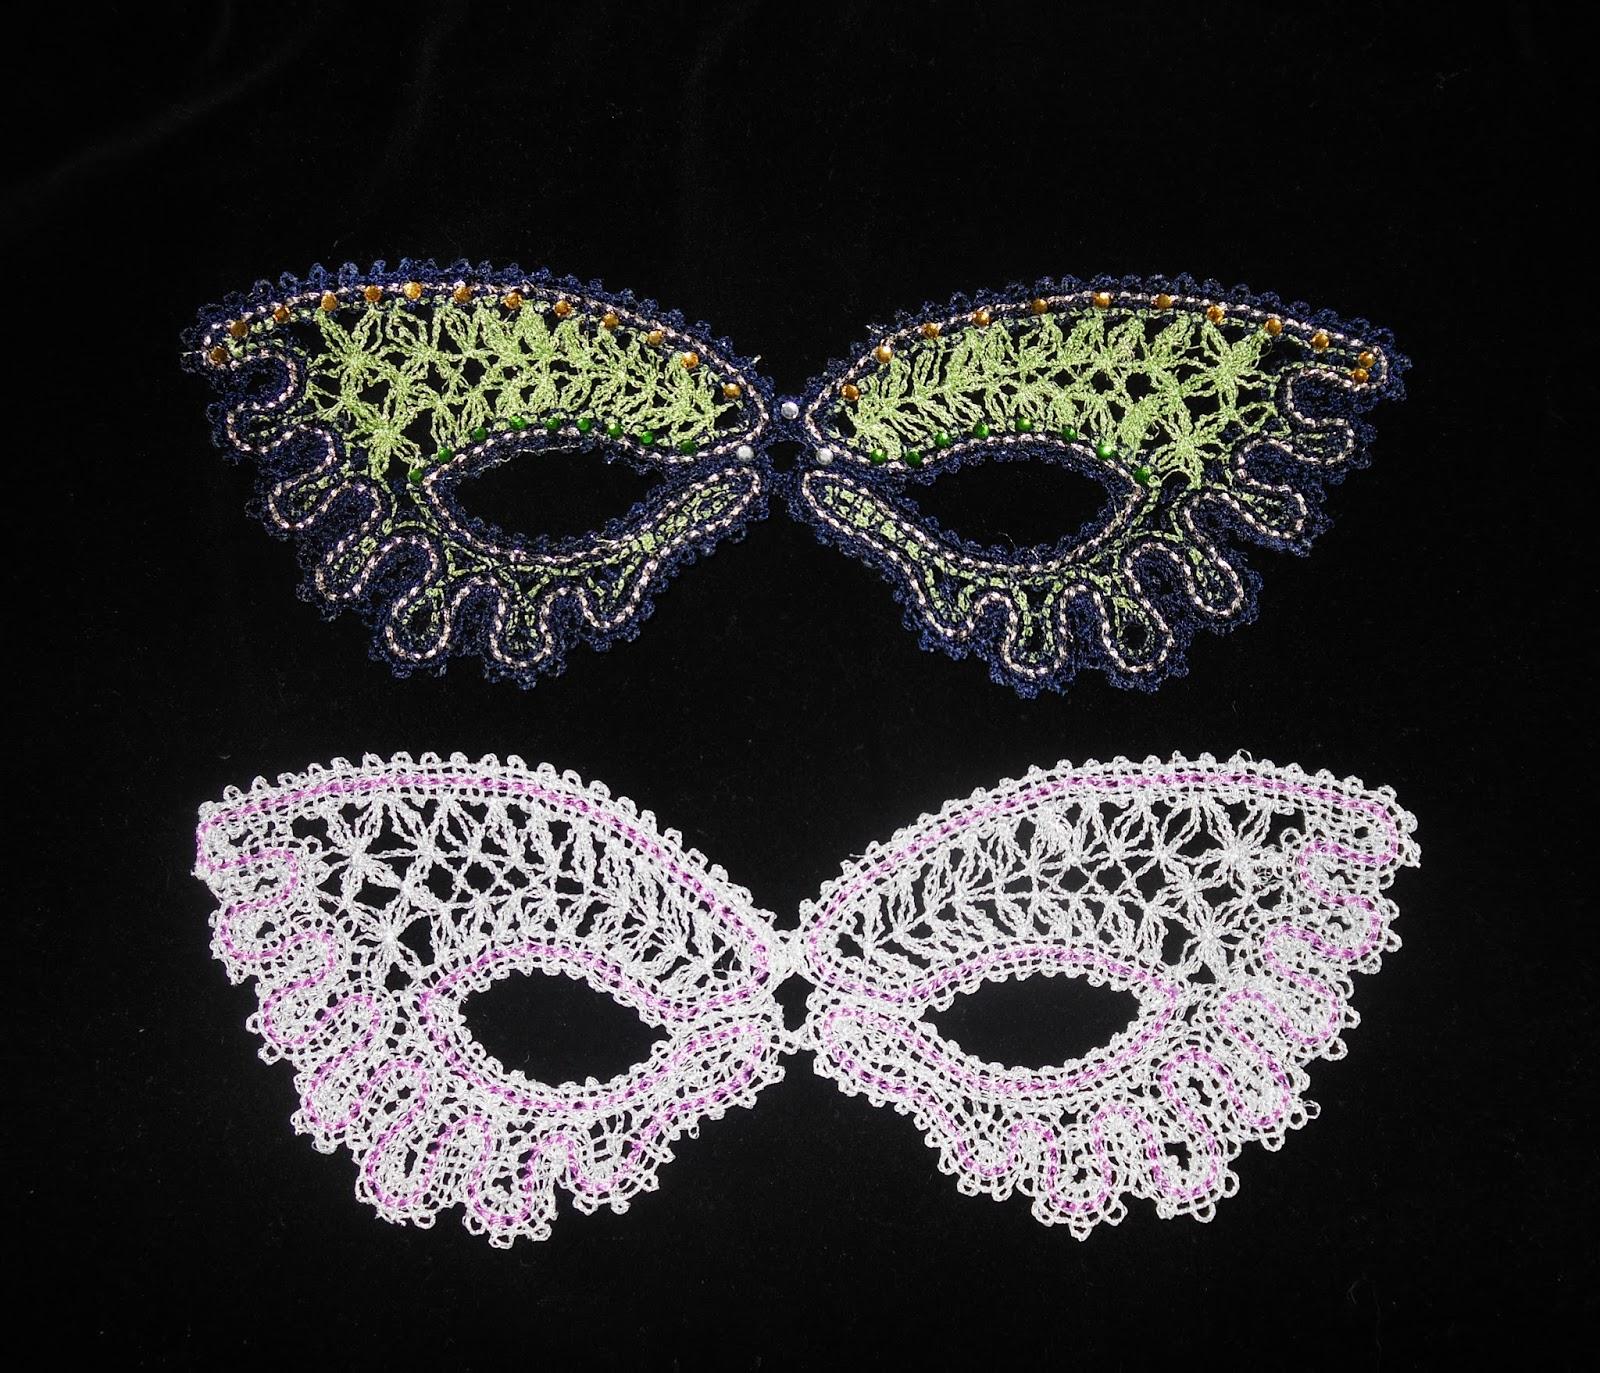 маски, кружевные маски, маски для карнавала, новый год, наряд на корпоратив, маскарад. маски для маскарада